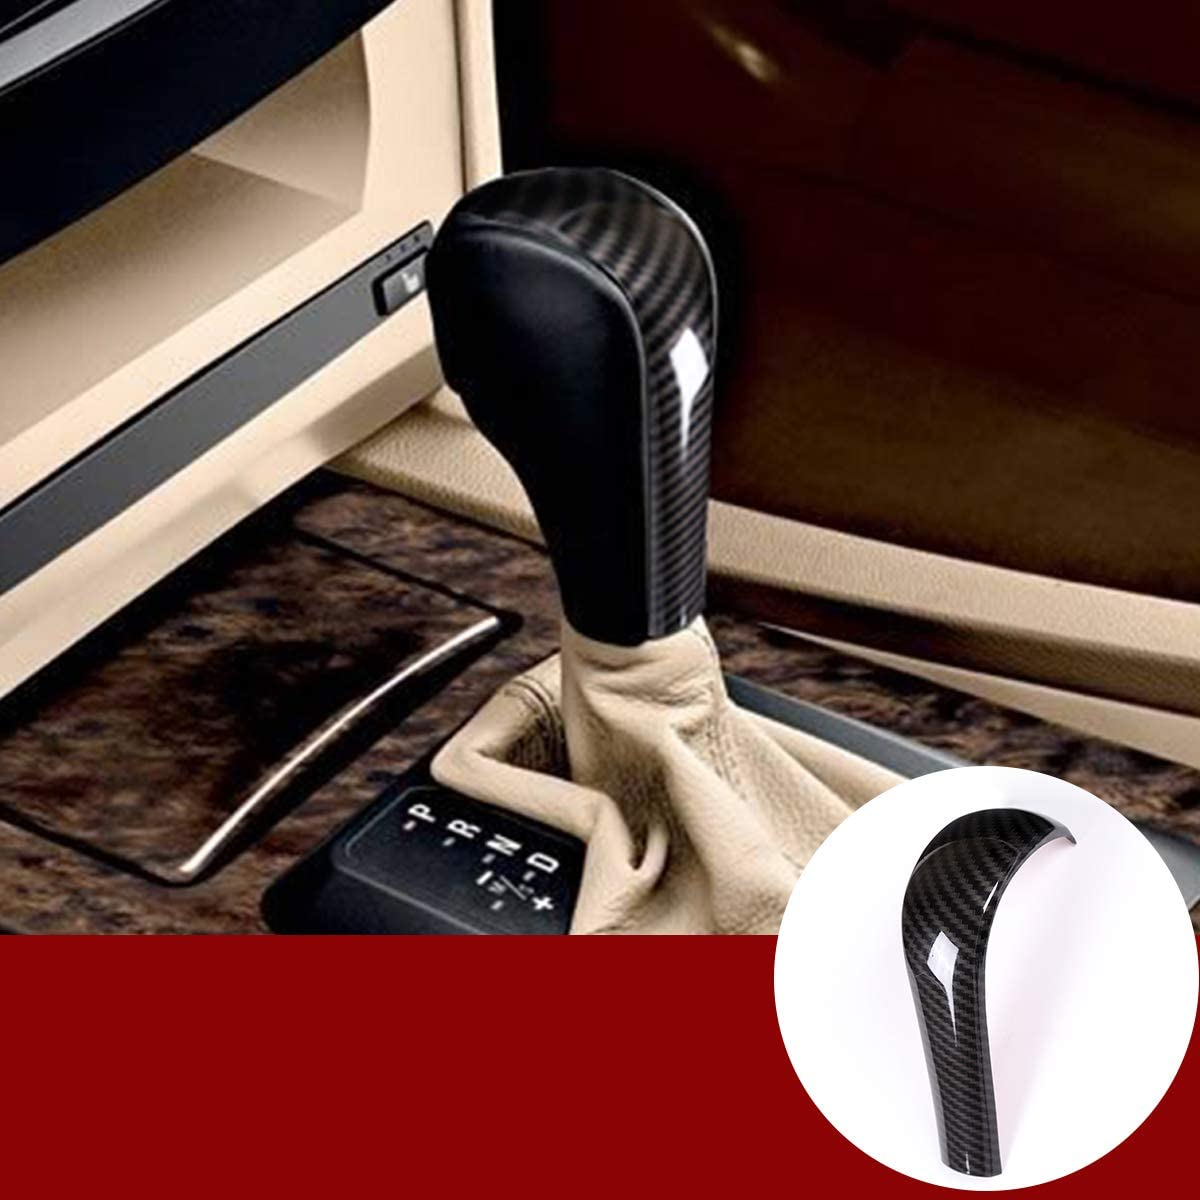 YIWANG cubierta de fibra de carbono para la cabeza de la palanca de cambios central del coche para E39 E60 E61 E83 E53 E46 accesorios de coche (no para E61 Serie 5 Sedán)